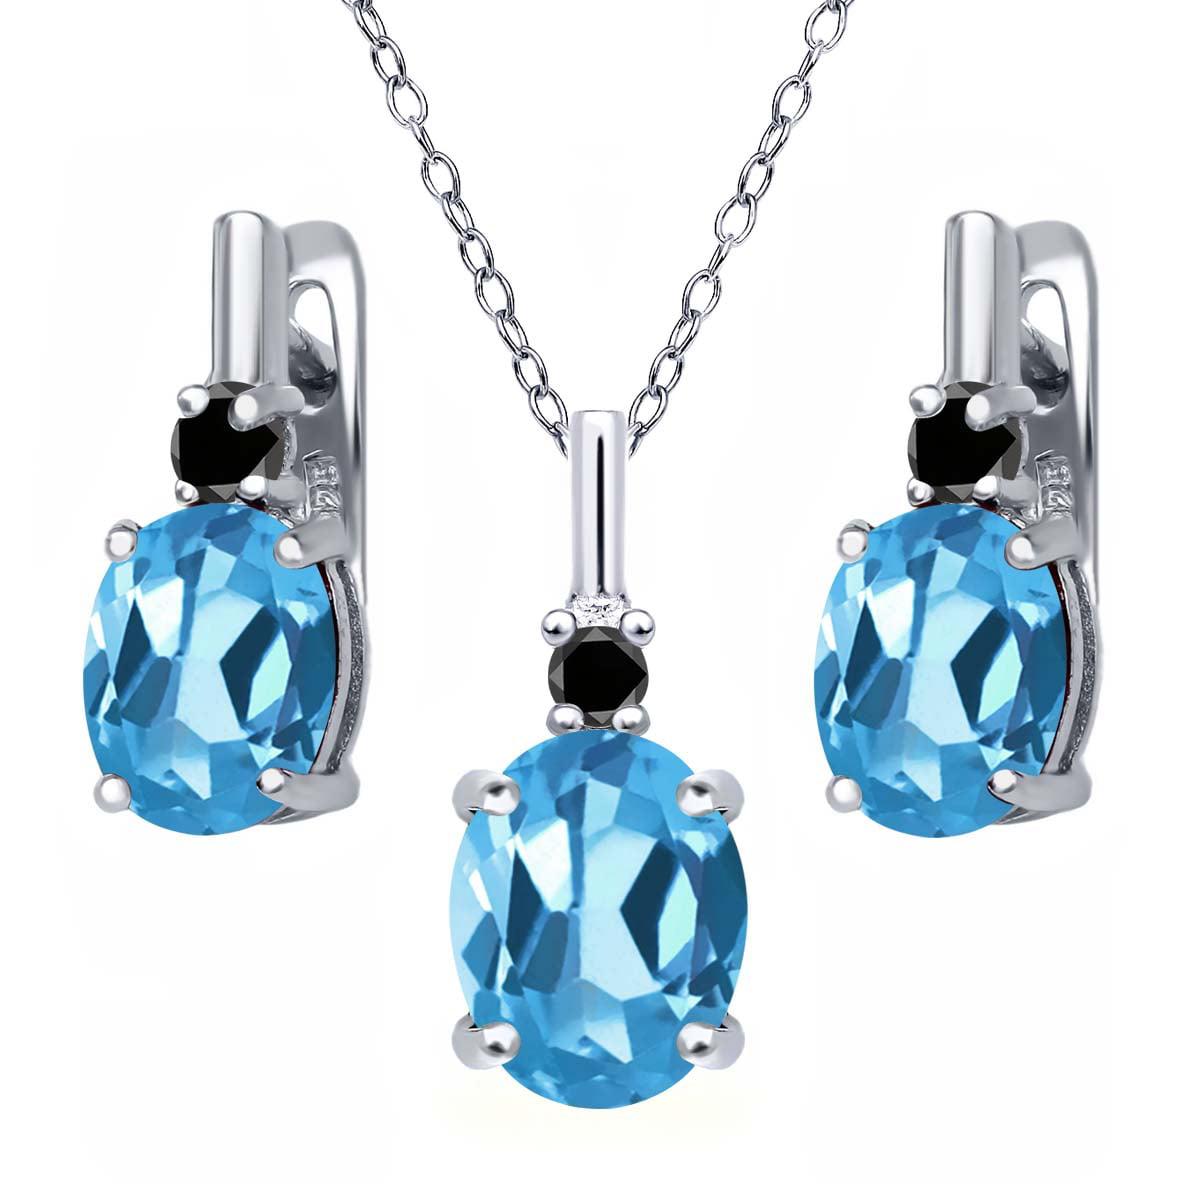 6.67 Ct Swiss Blue Topaz Black Diamond 925 Sterling Silver Pendant Earrings Set by